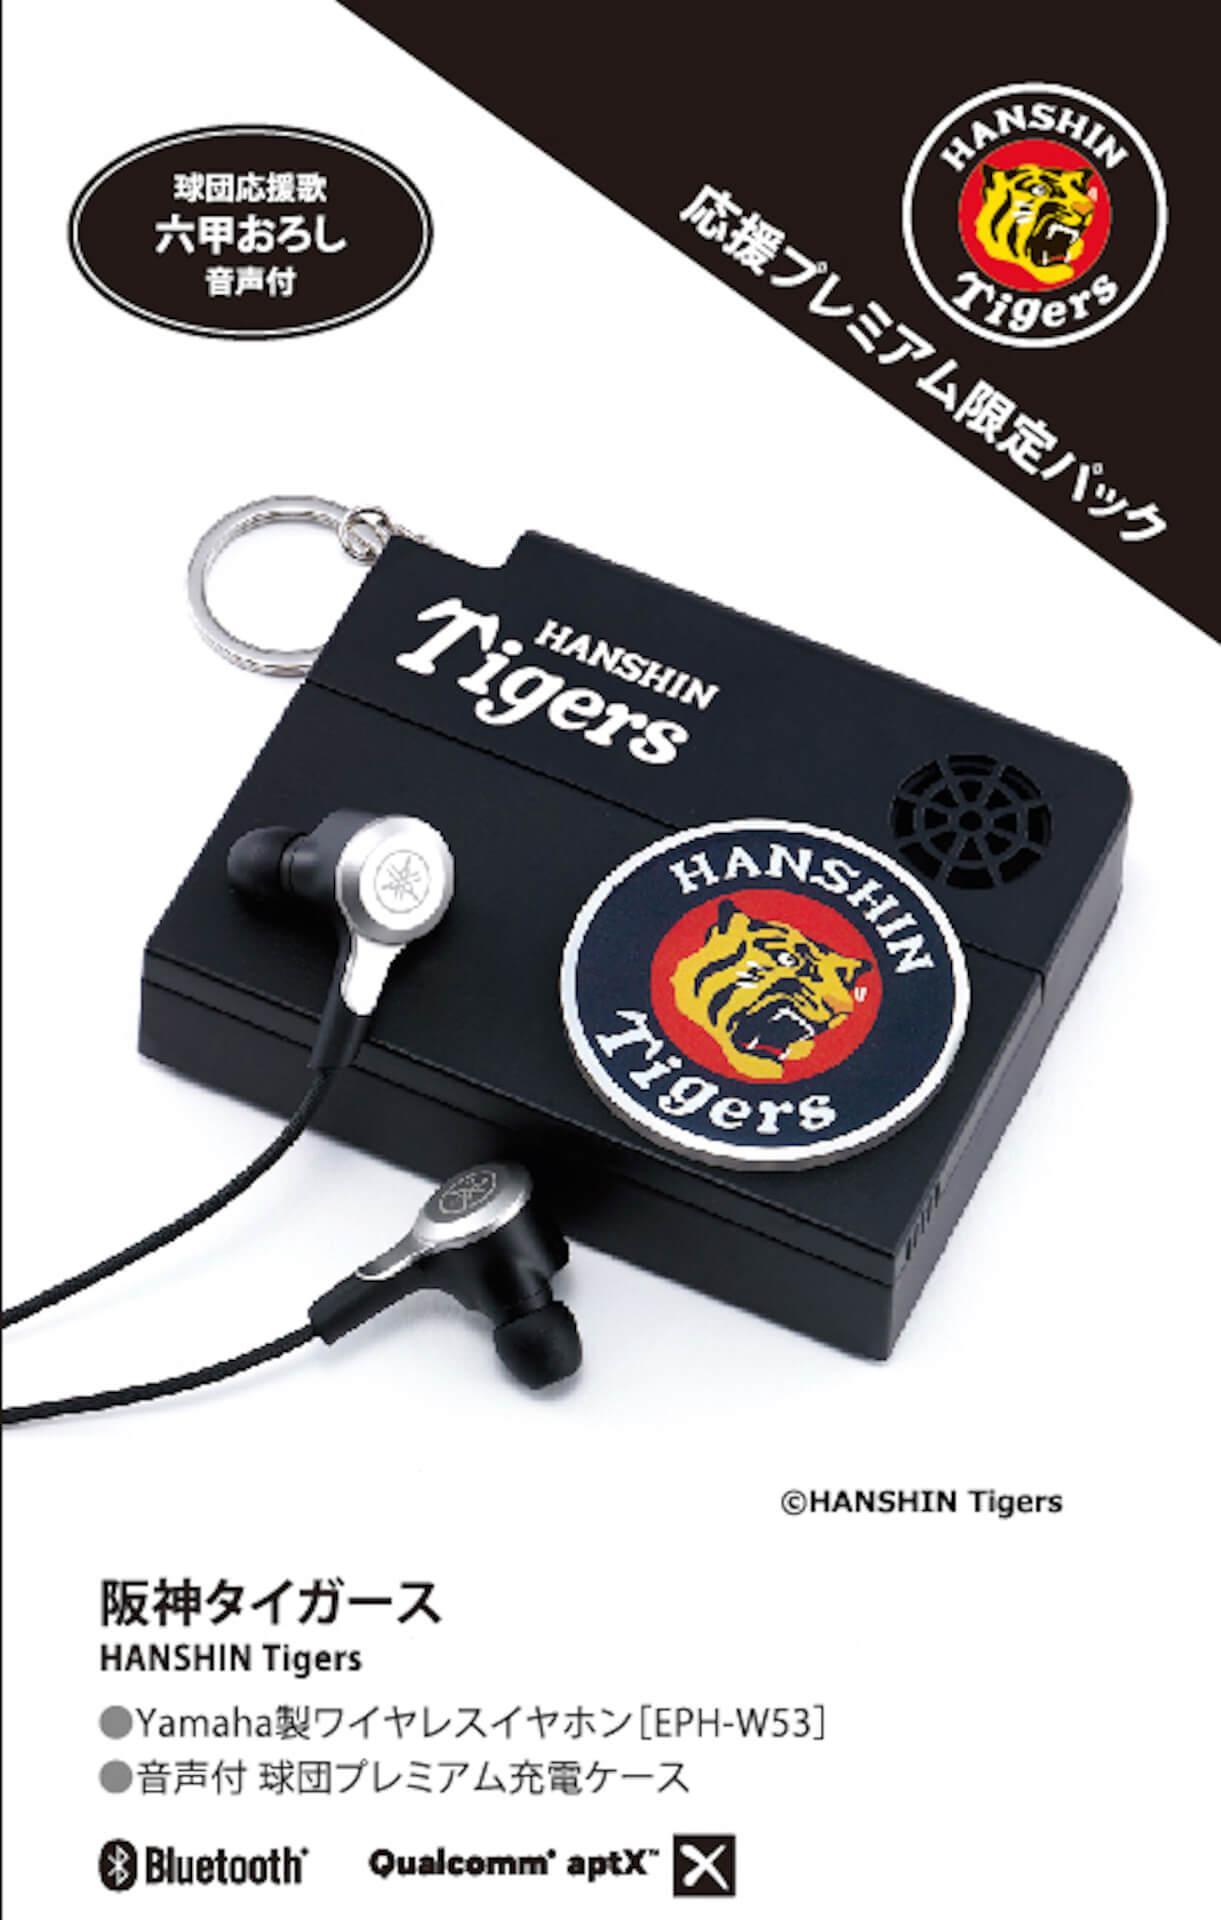 ホークス、タイガースにカープも!ワイヤレスイヤホンとプロ野球10球団別ロゴ入り充電ケースのセットが限定発売 tech191101_baseball_earphone_2